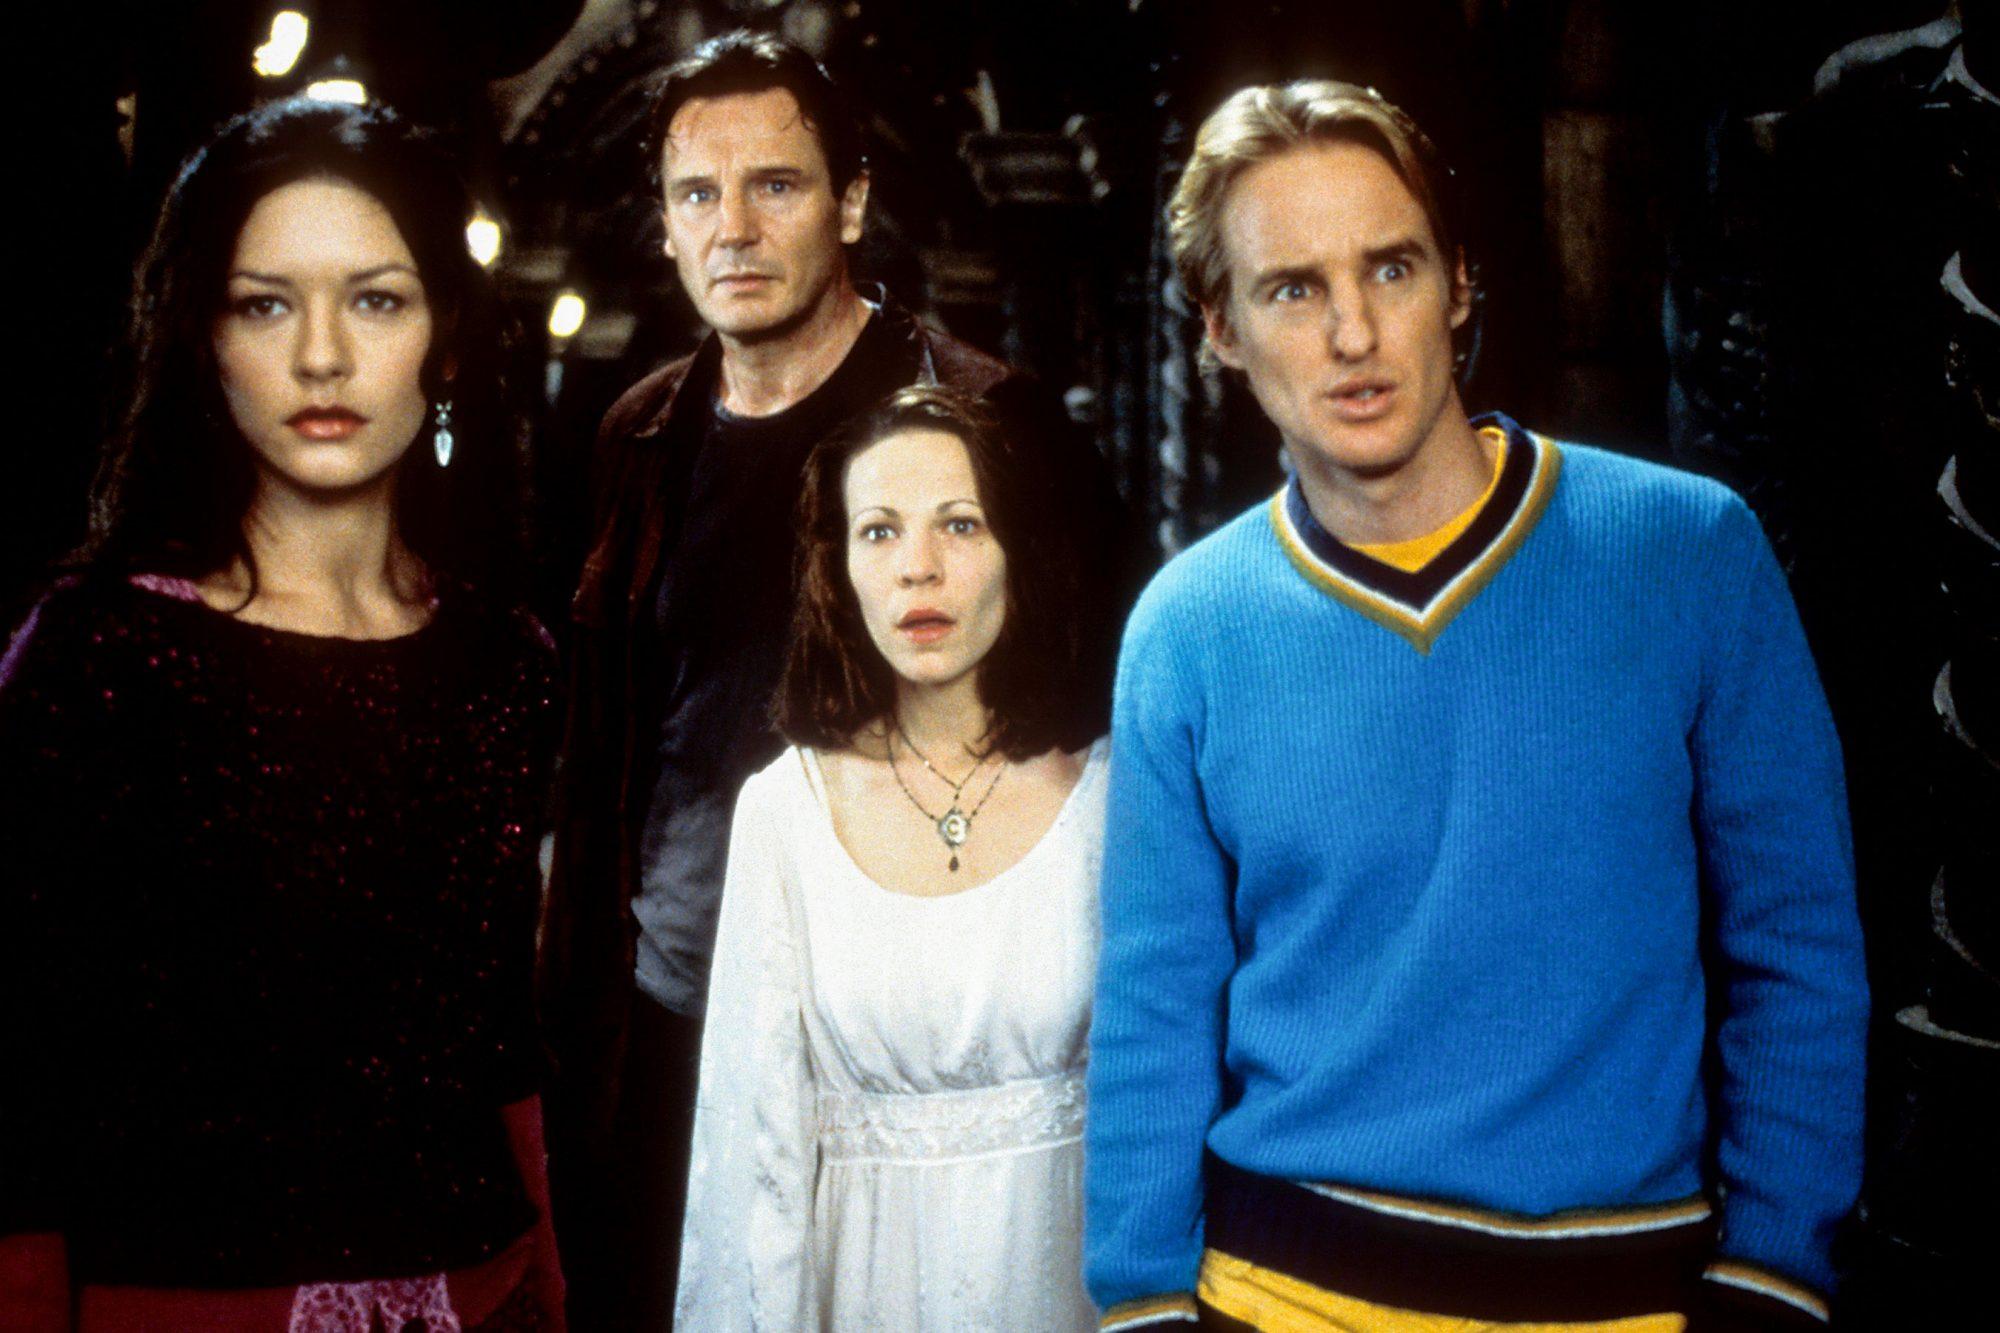 Catherine Zeta Jones And Liam Neeson In 'The Haunting'